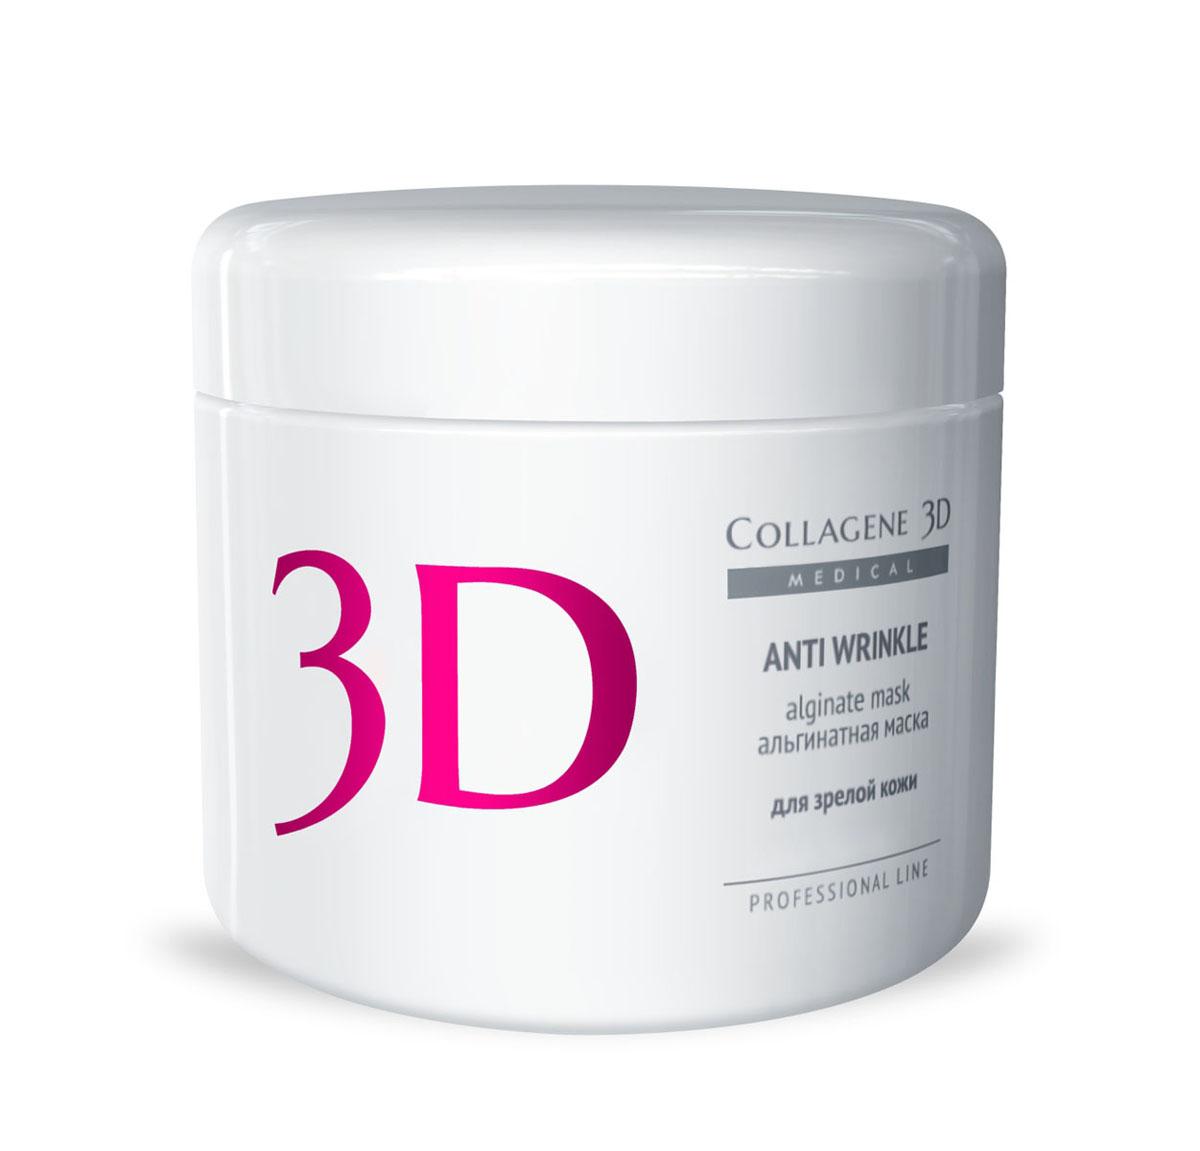 Medical Collagene 3D Альгинатная маска для лица и тела Anti Wrinkle, 200 г22002Высокоэффективная, пластифицирующая маска на основе лучшего натурального сырья. Насыщенна биологически активными веществами ускоряющими обменные процессы, которые стимулируют быстрое омоложение на клеточном уровне.